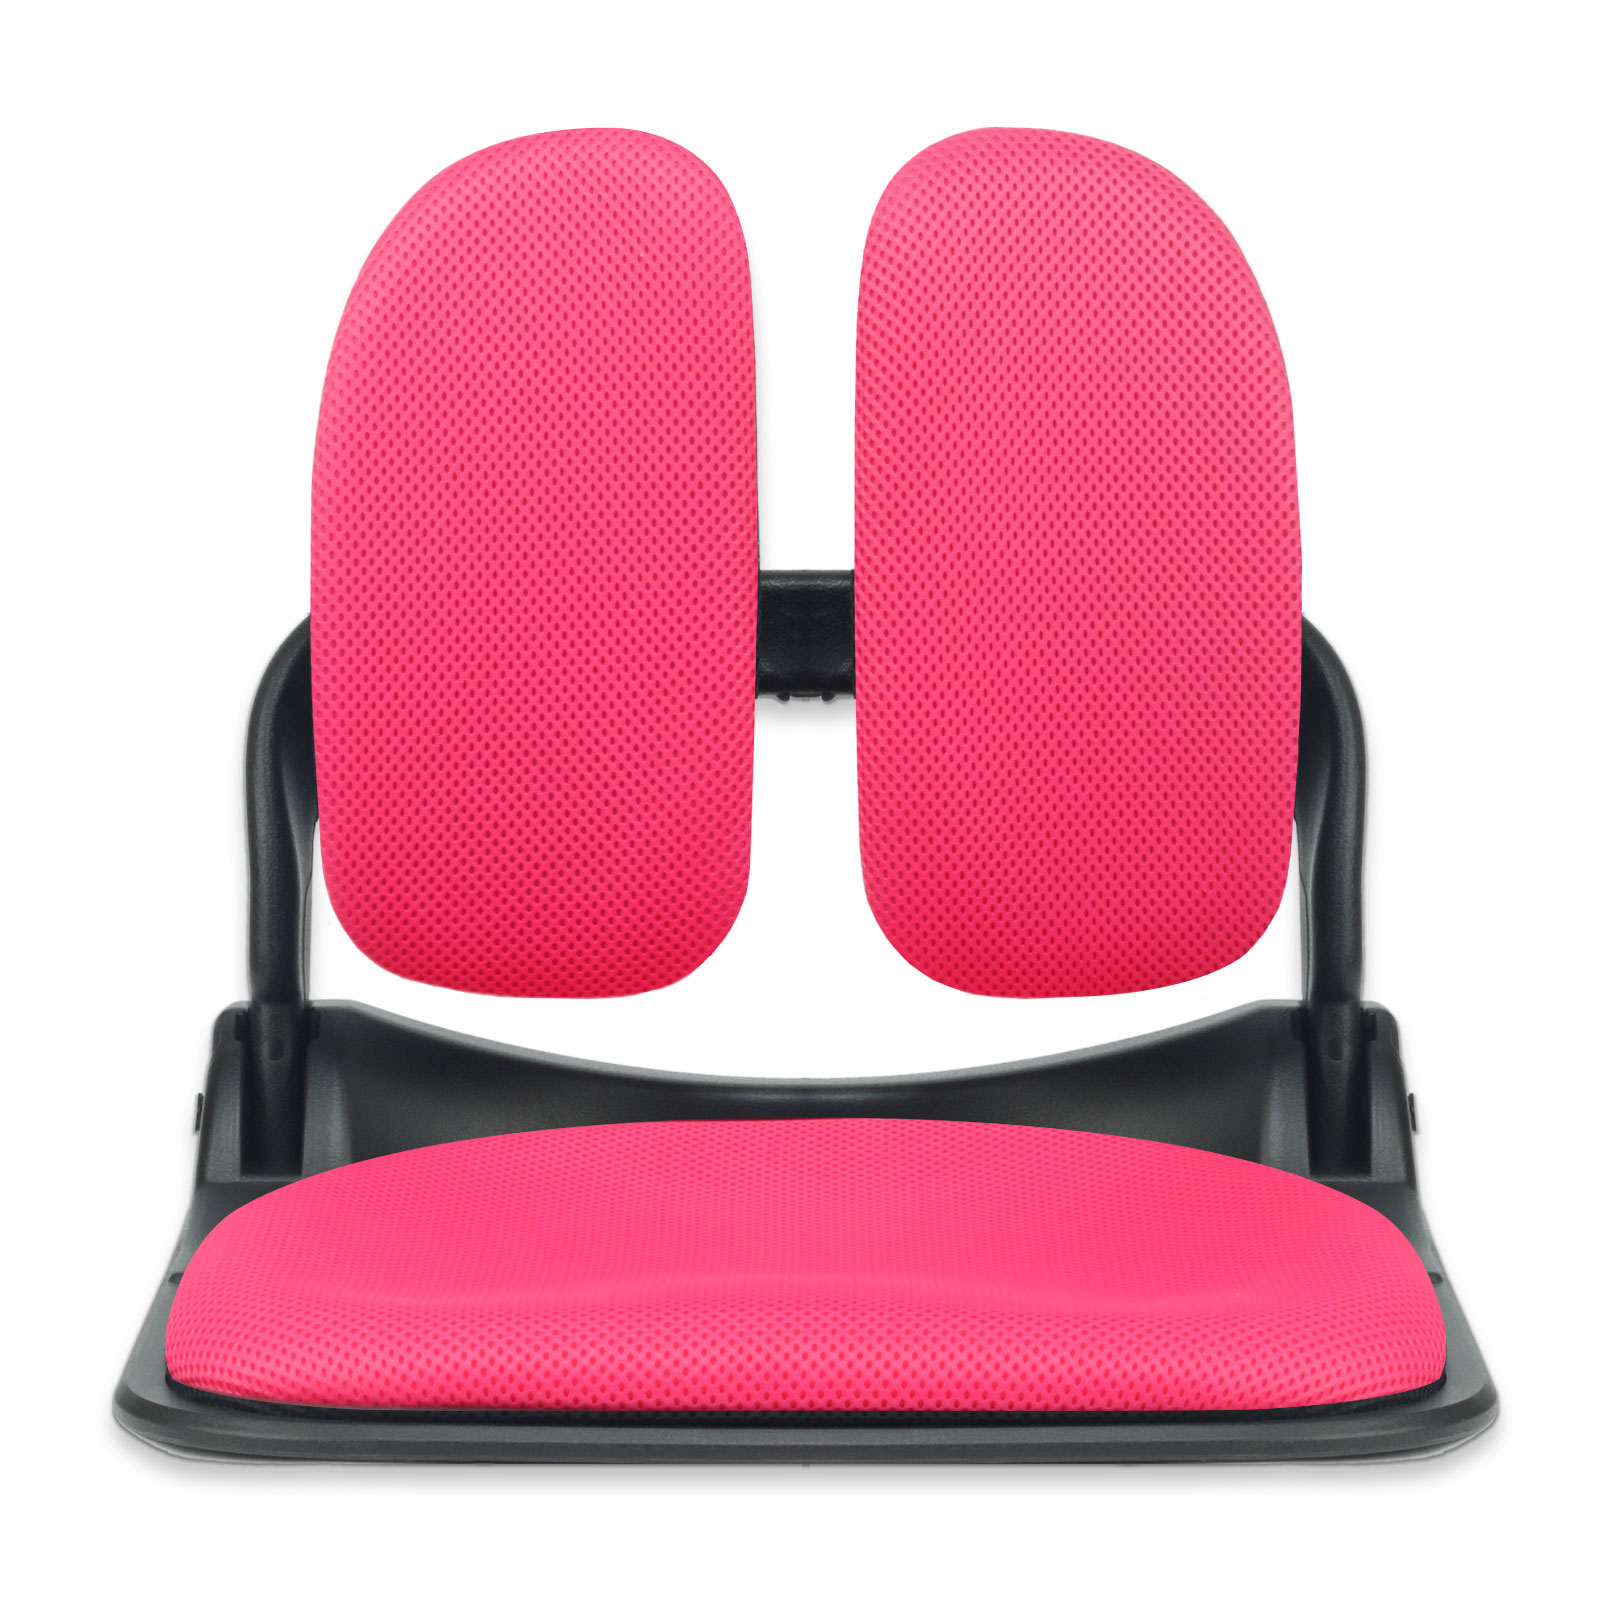 이편한의자 블랙프레임 접이식 듀얼 메쉬 좌식의자, 핑크